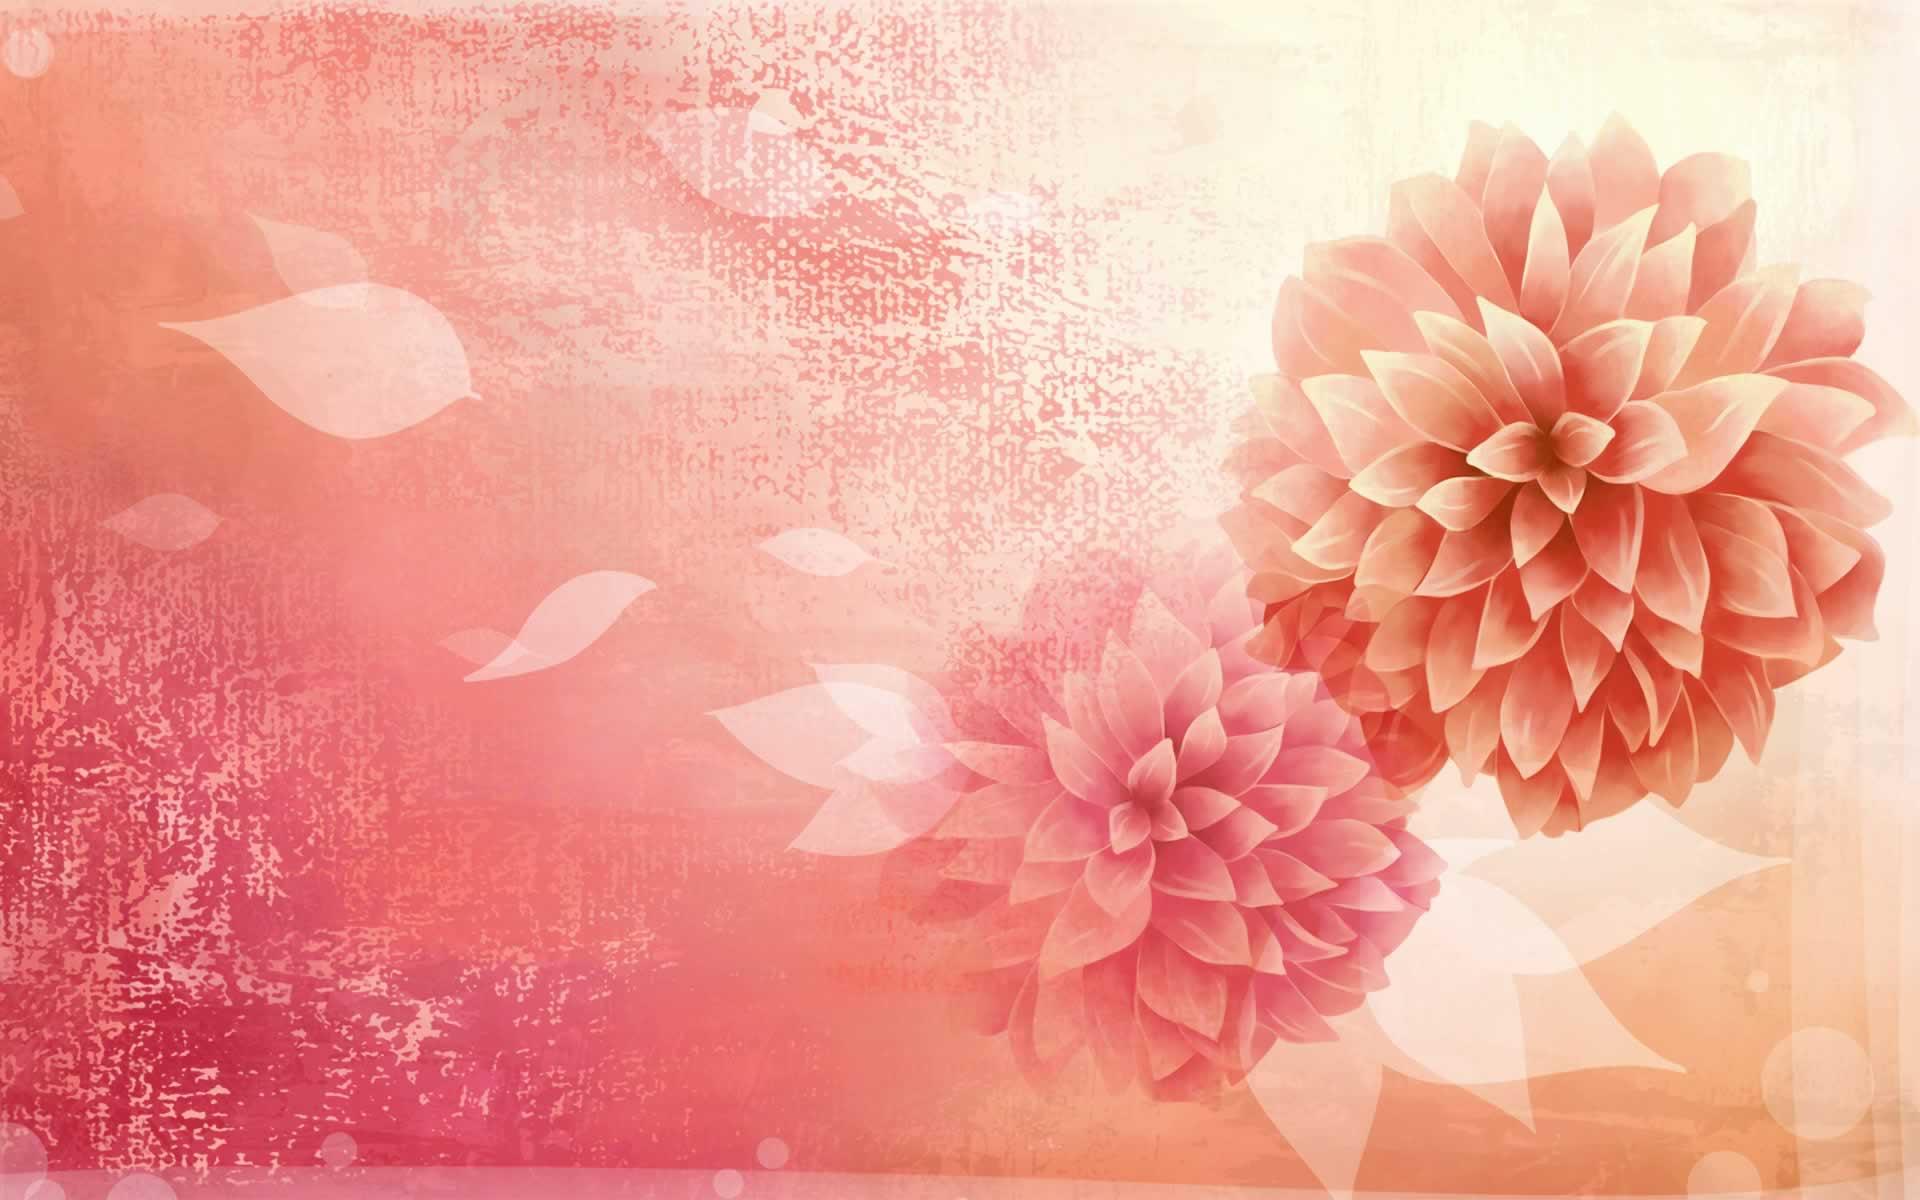 Peonies Wallpaper Desktop WallpaperSafari